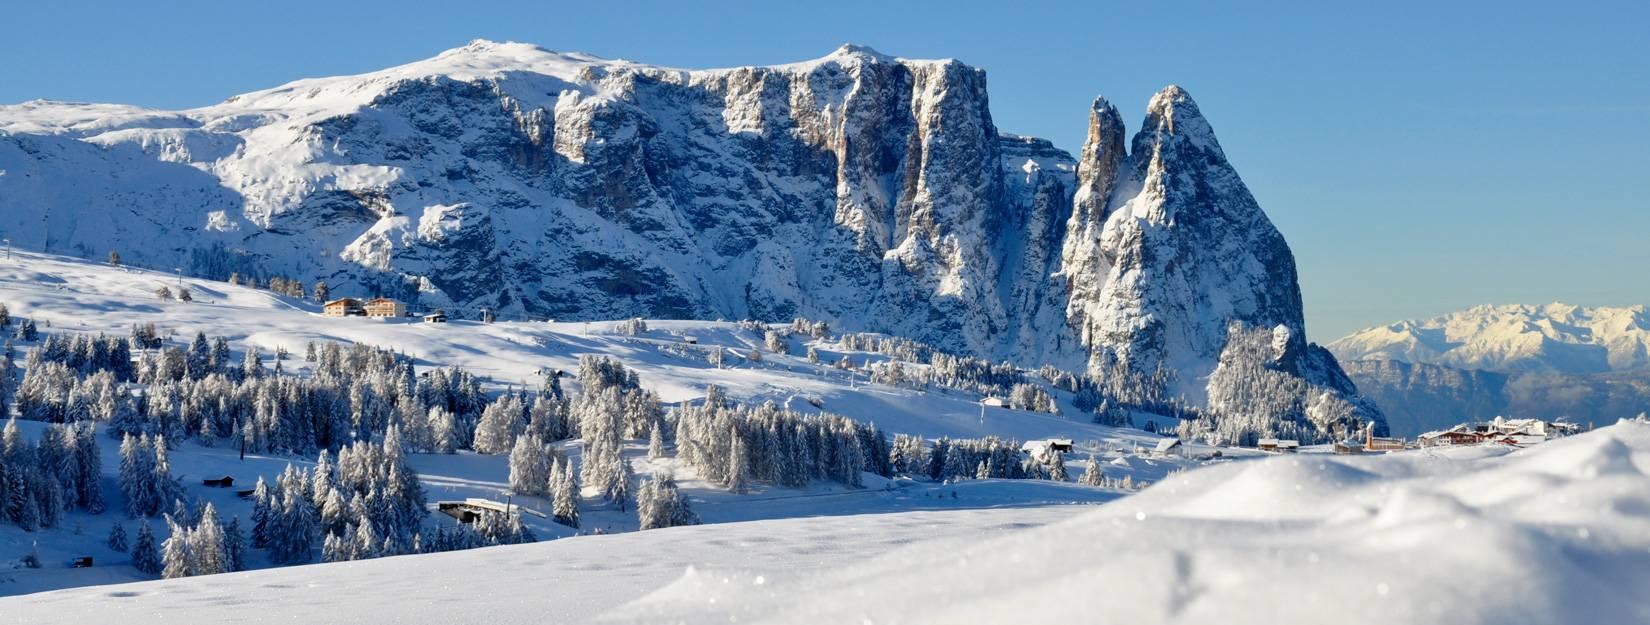 Offerte hotel dall alpe di siusi in alto adige for Offerte soggiorno in trentino alto adige